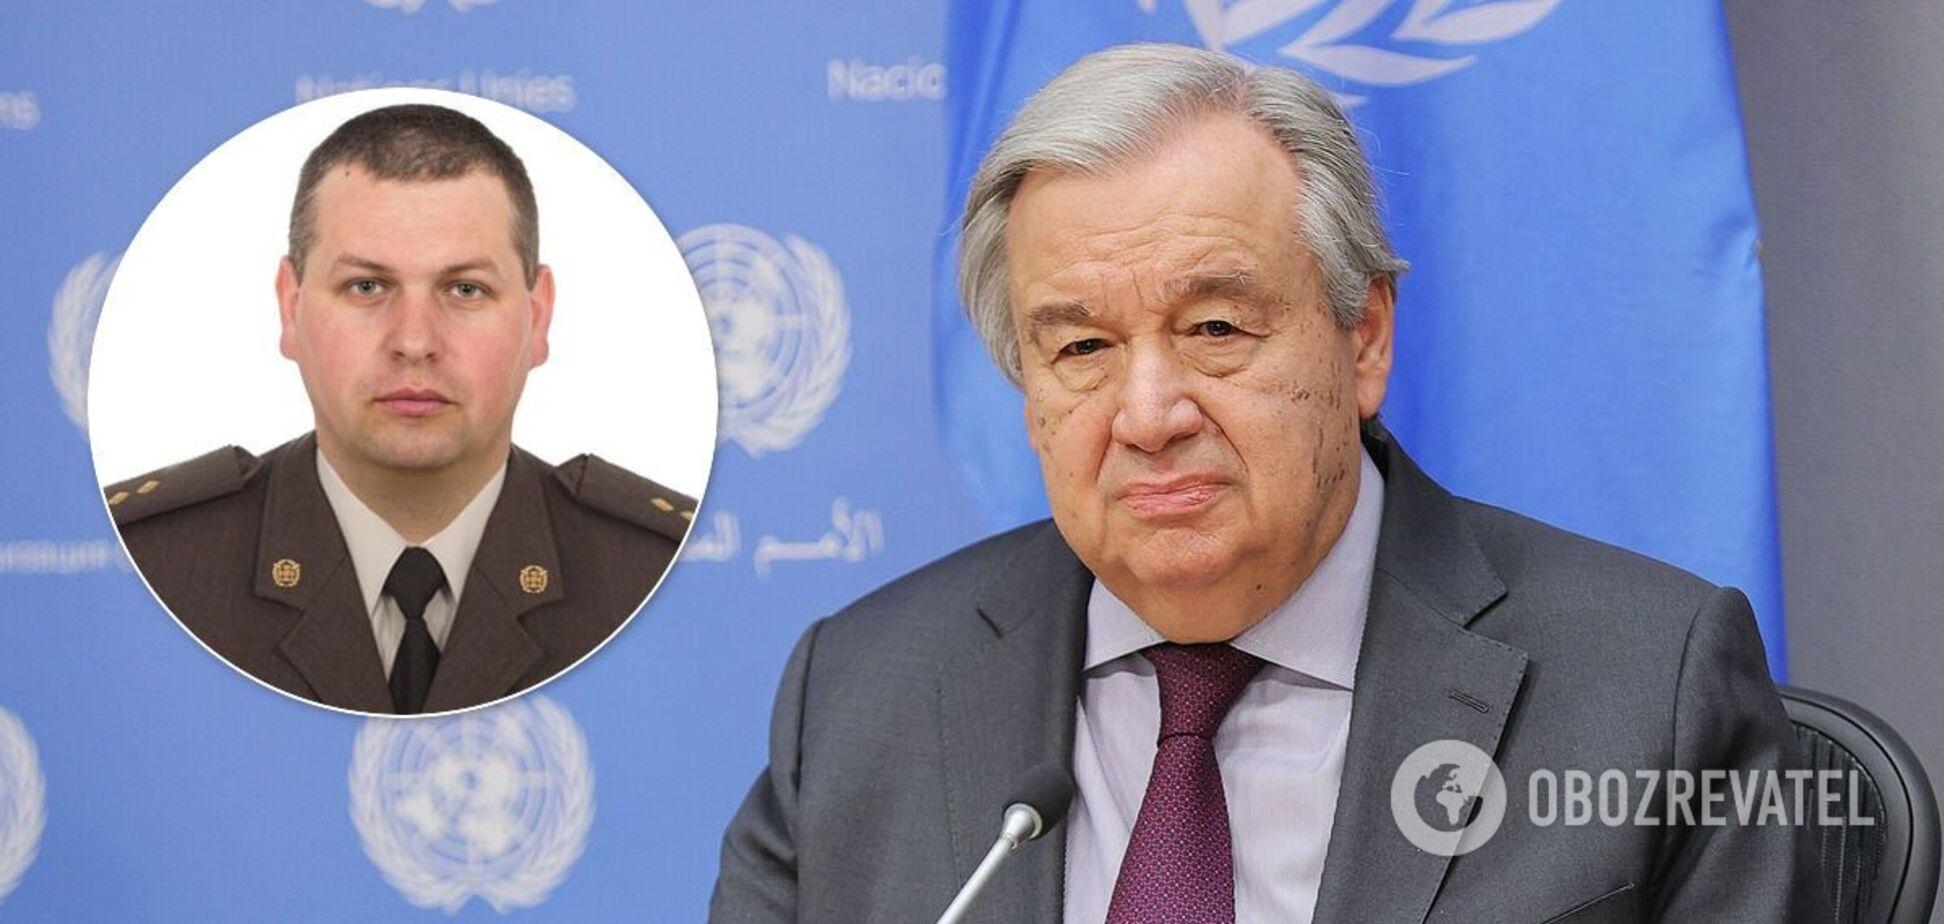 Антониу Гутерреш отреагировал на смерть Александра Бривко